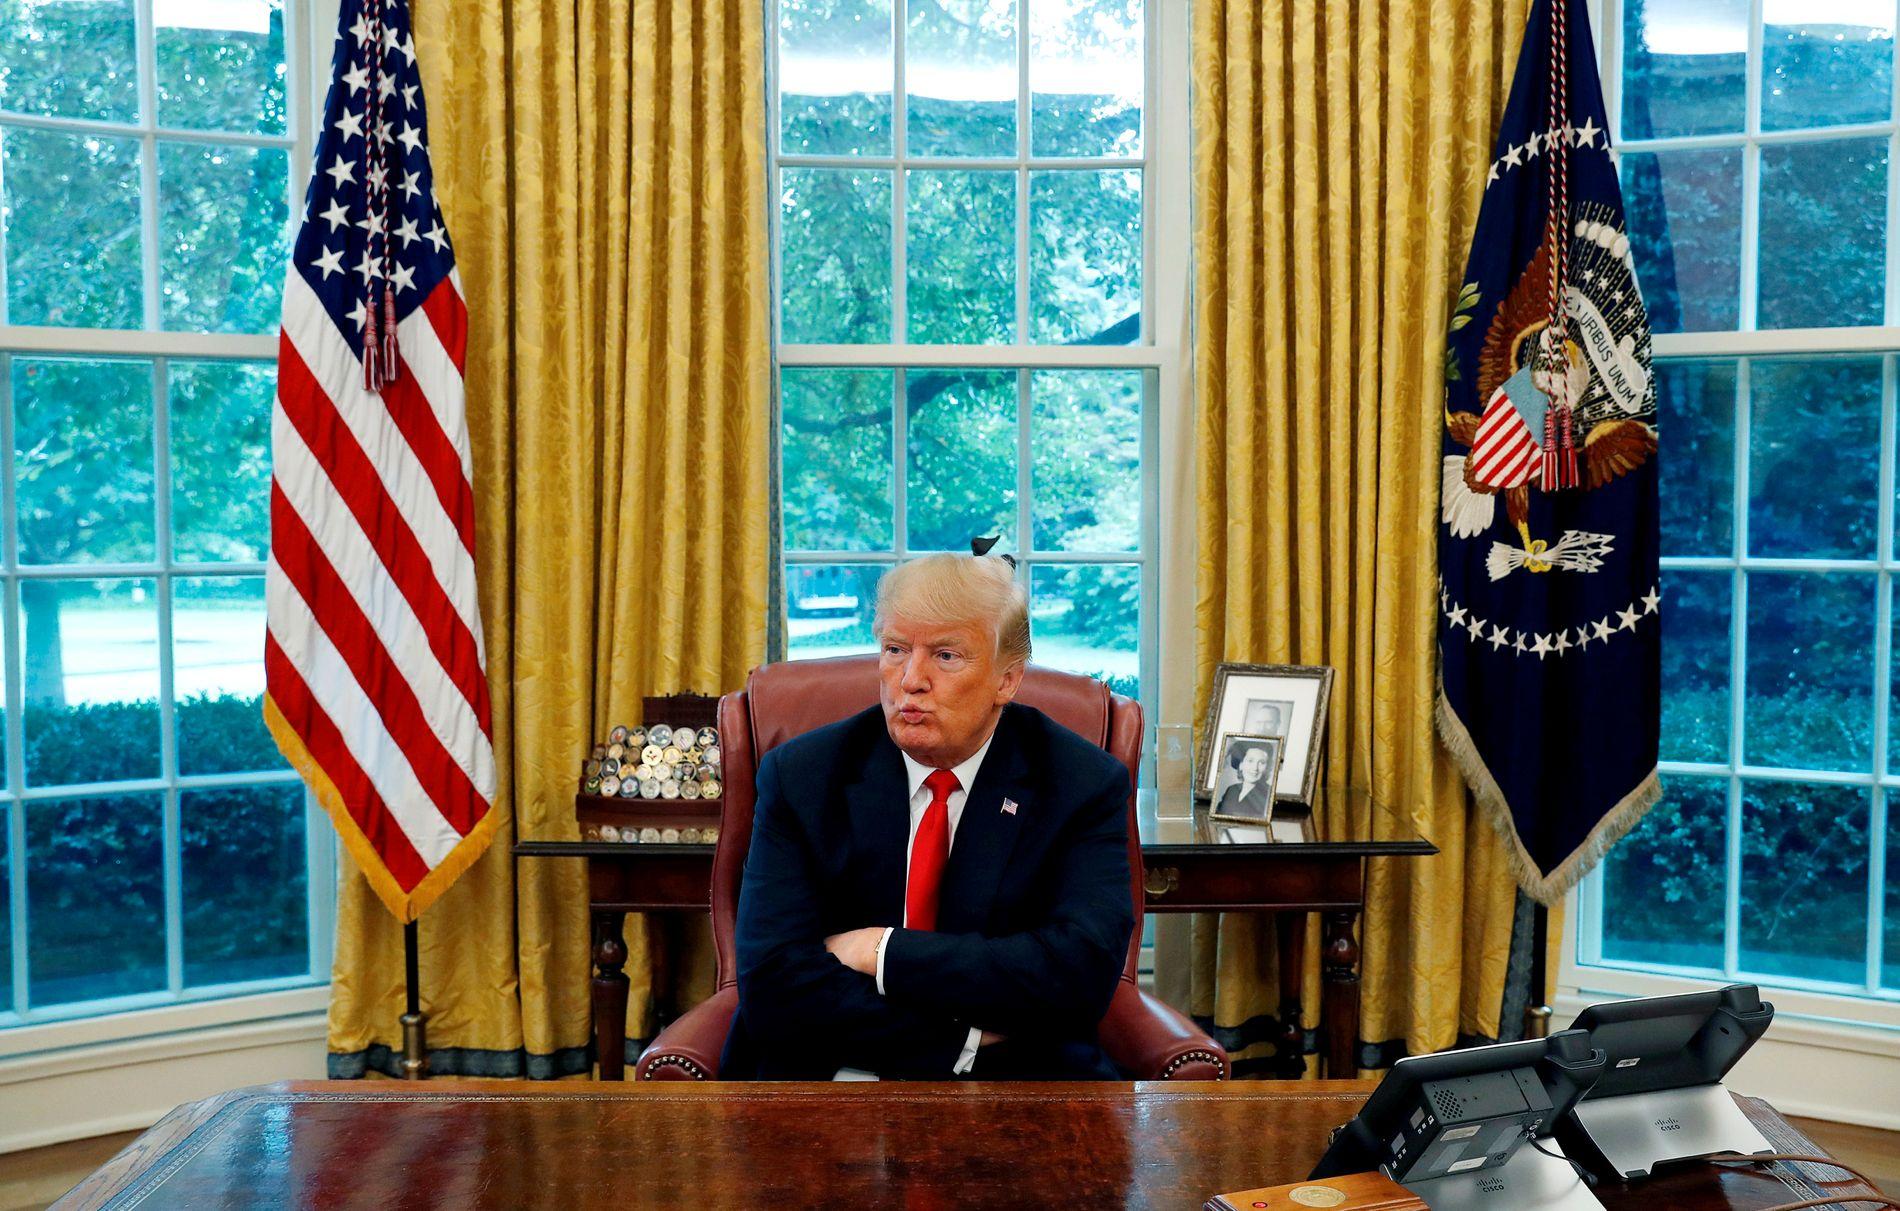 SENSUR: Donald Trump hevder at sosiale medier som Twitter og Facebook sensurerer personer fra høyresiden. Han vil imidlertid ikke si hvem det gjelder.